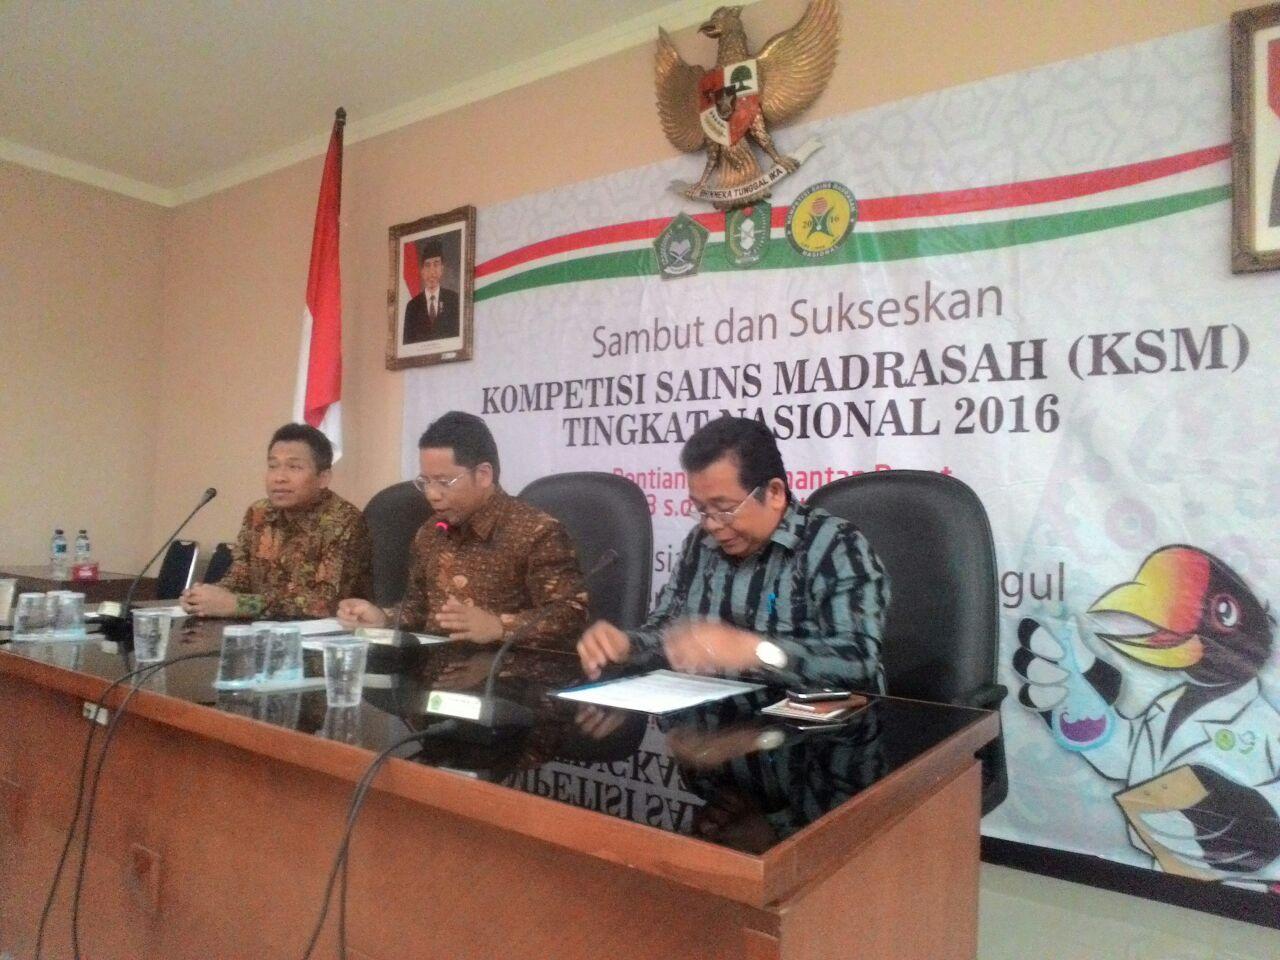 Kompetisi Sains Madrasah 2016 Digelar di Pontianak